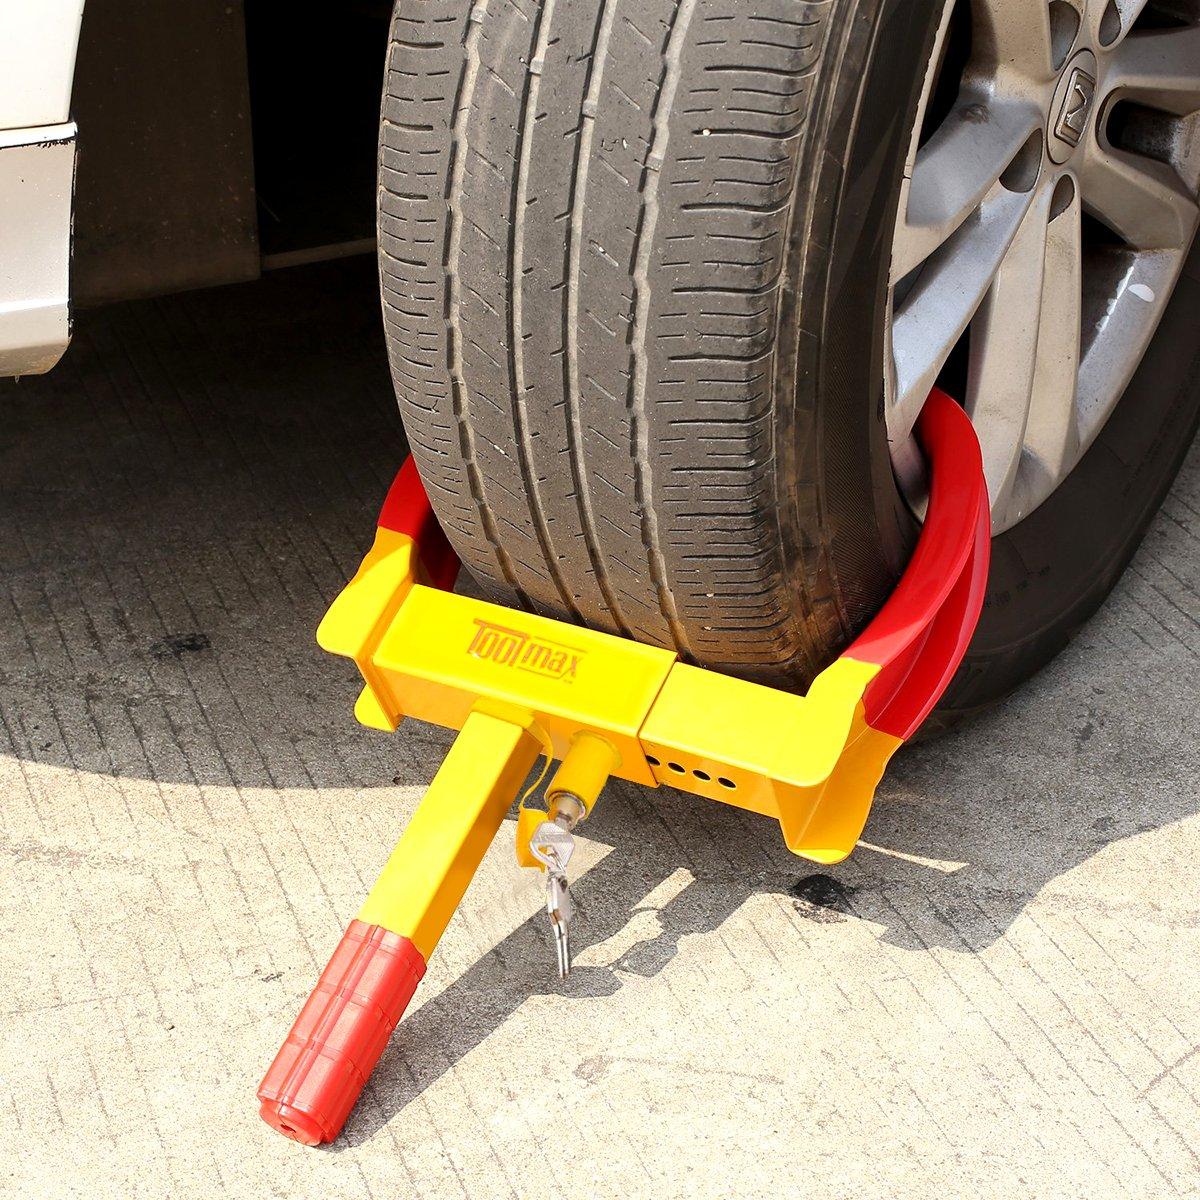 Parkkralle Diebstahlsicherung Reifenkralle Pkw Anh/änger COSTWAY Radkralle Wegfahrsperre Reifenklemme 3 Schl/üssel